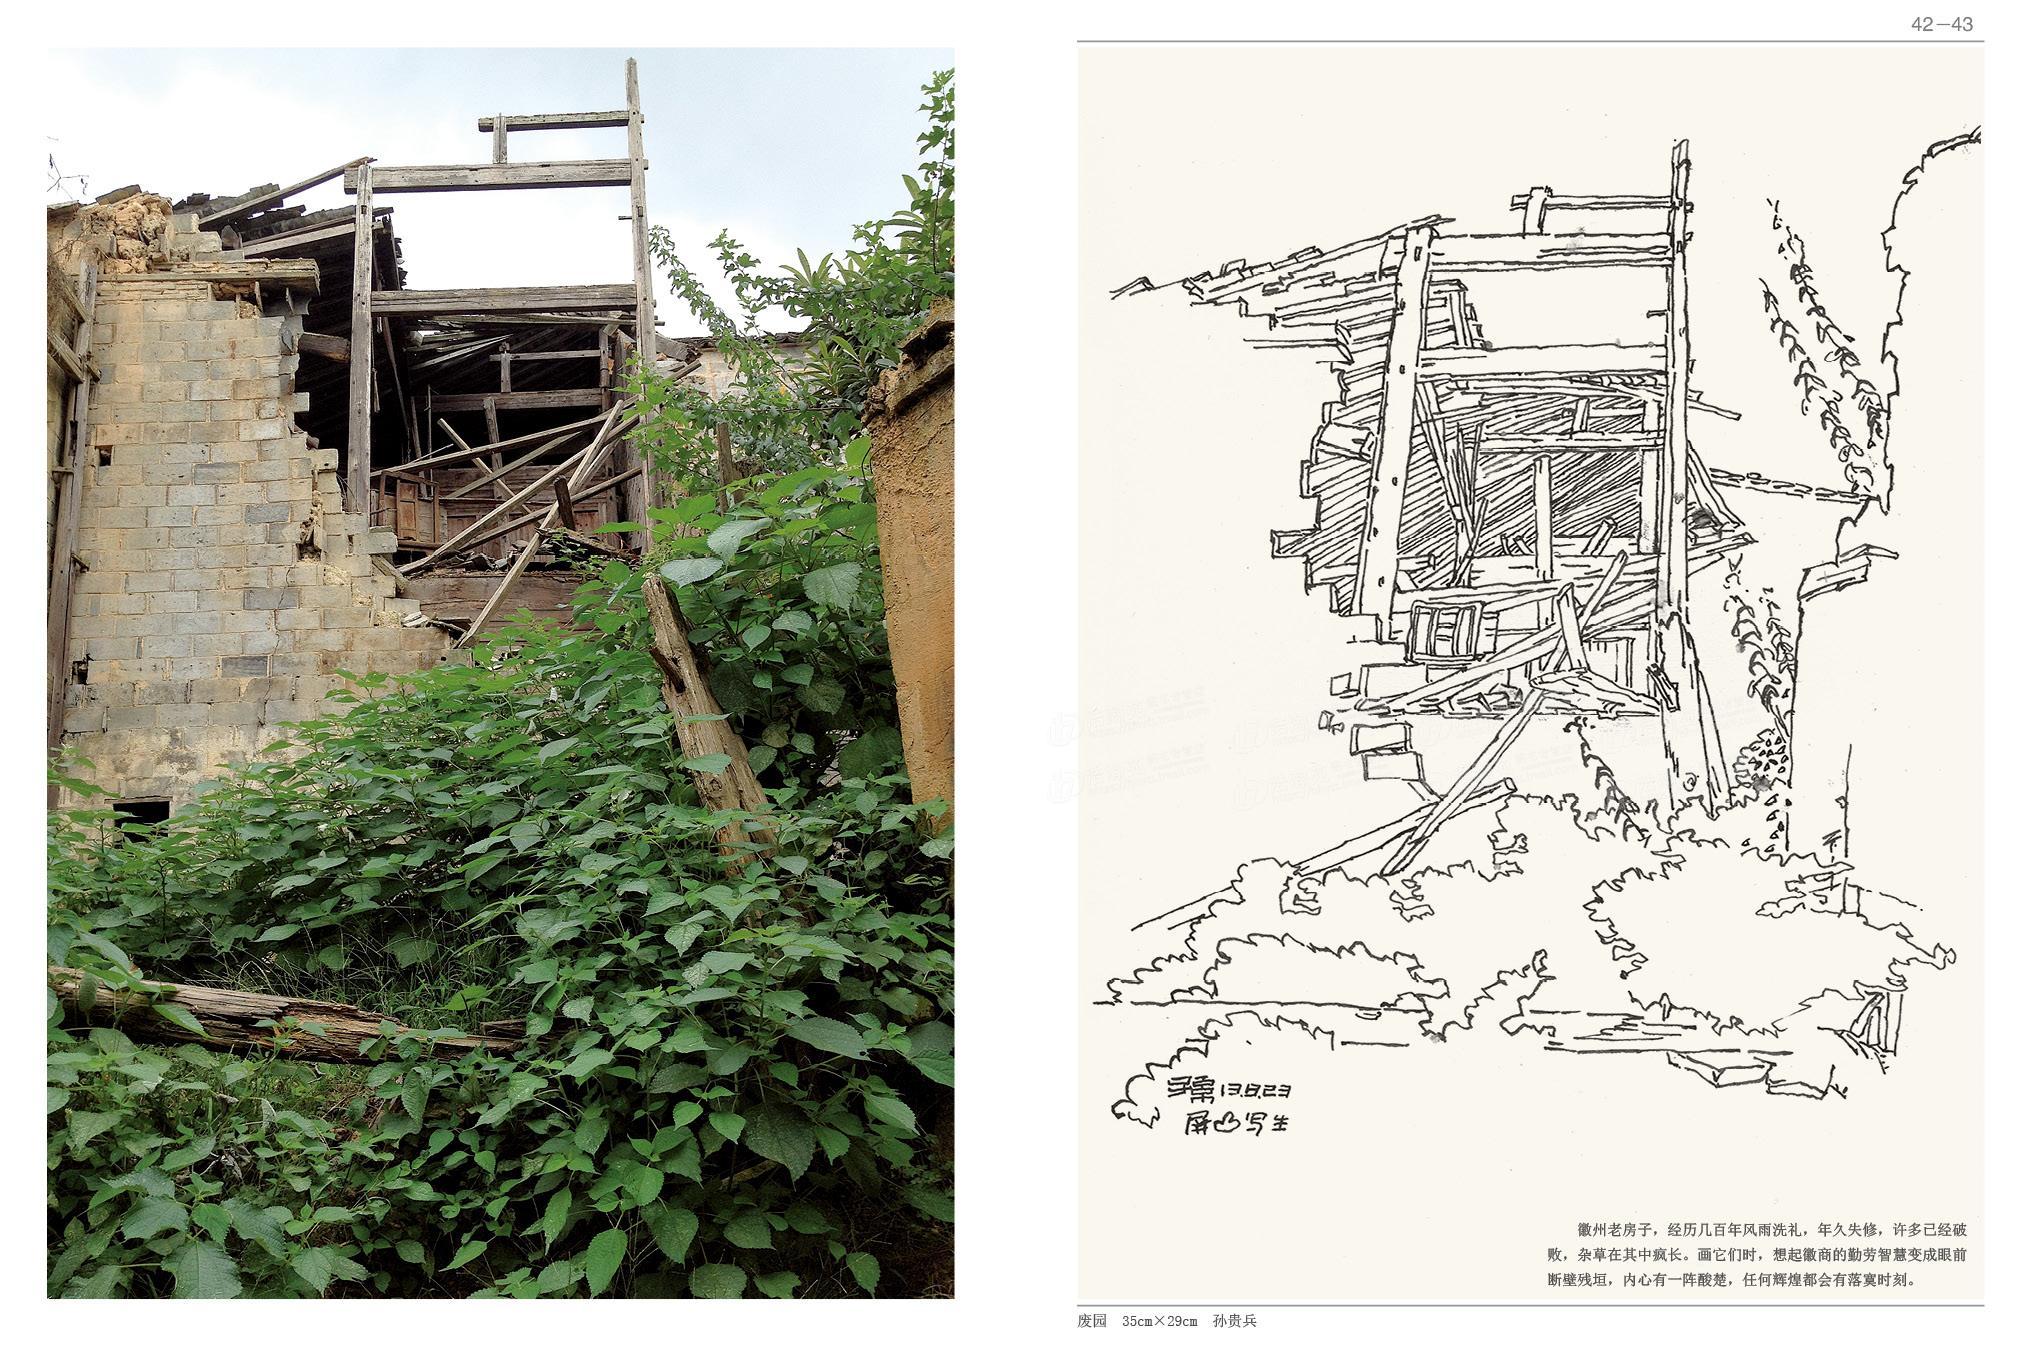 预售正版 徽派建筑风景素描铅笔画速写风景写生入门教程素描风景建筑